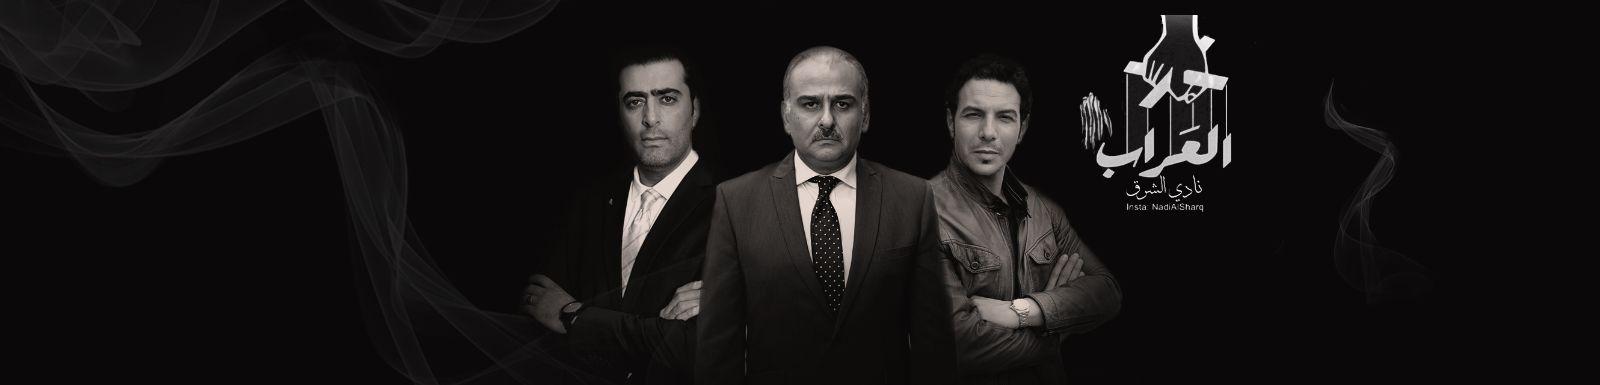 قصة وأحداث مسلسل العراب نادي الشرق 2016 على mbc